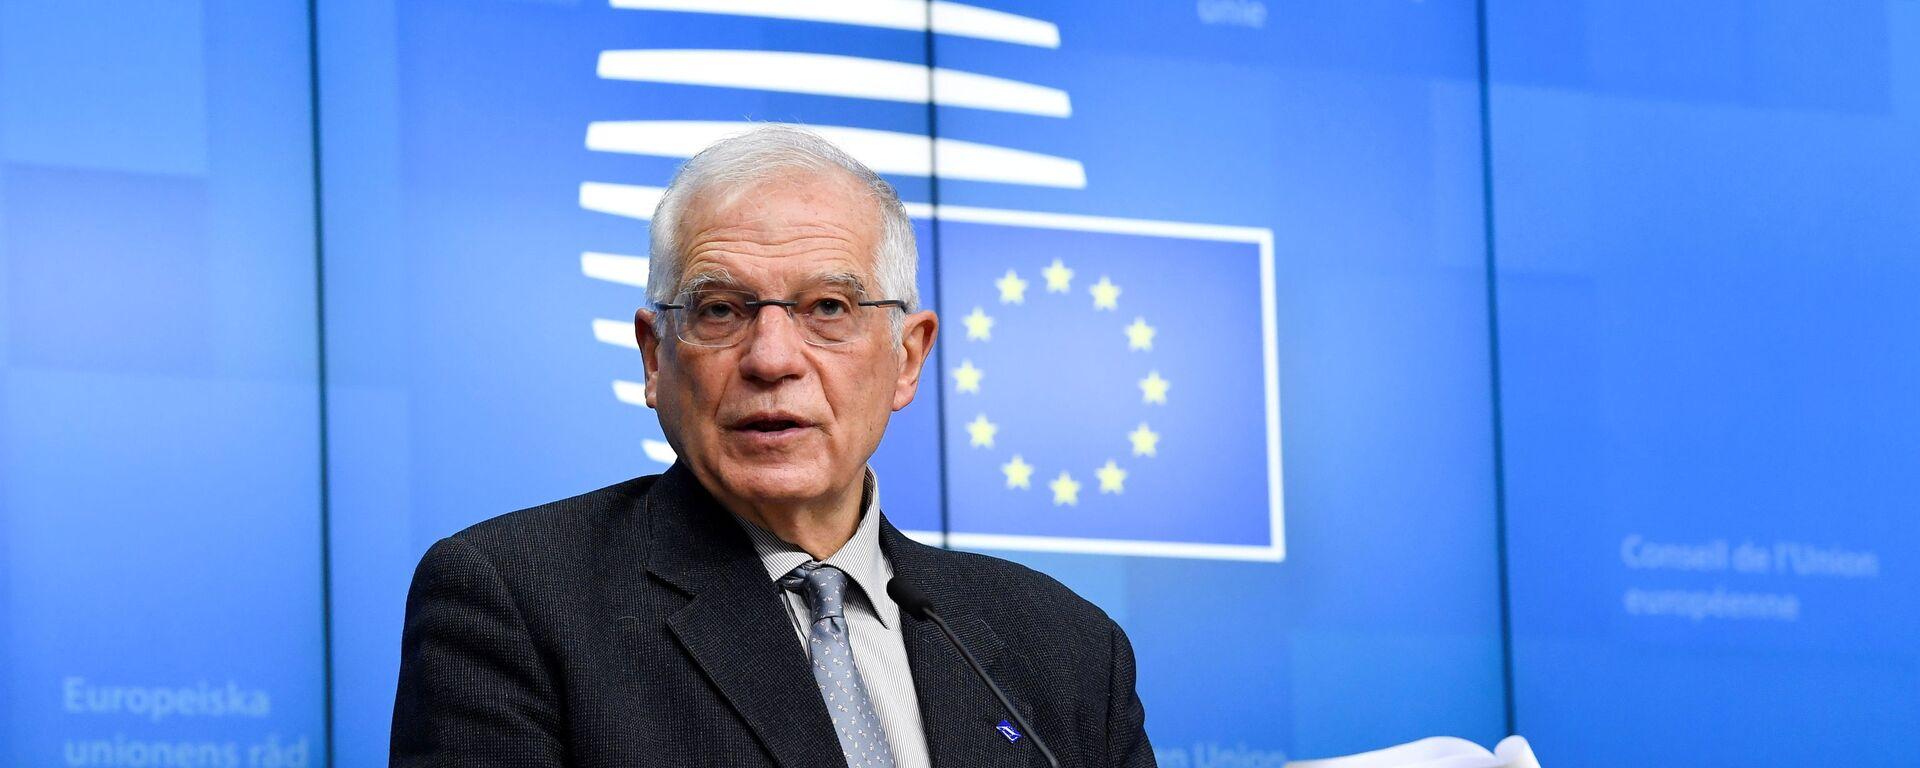 Josep Borrell, alto representante para la Política Exterior de la UE - Sputnik Mundo, 1920, 22.05.2021